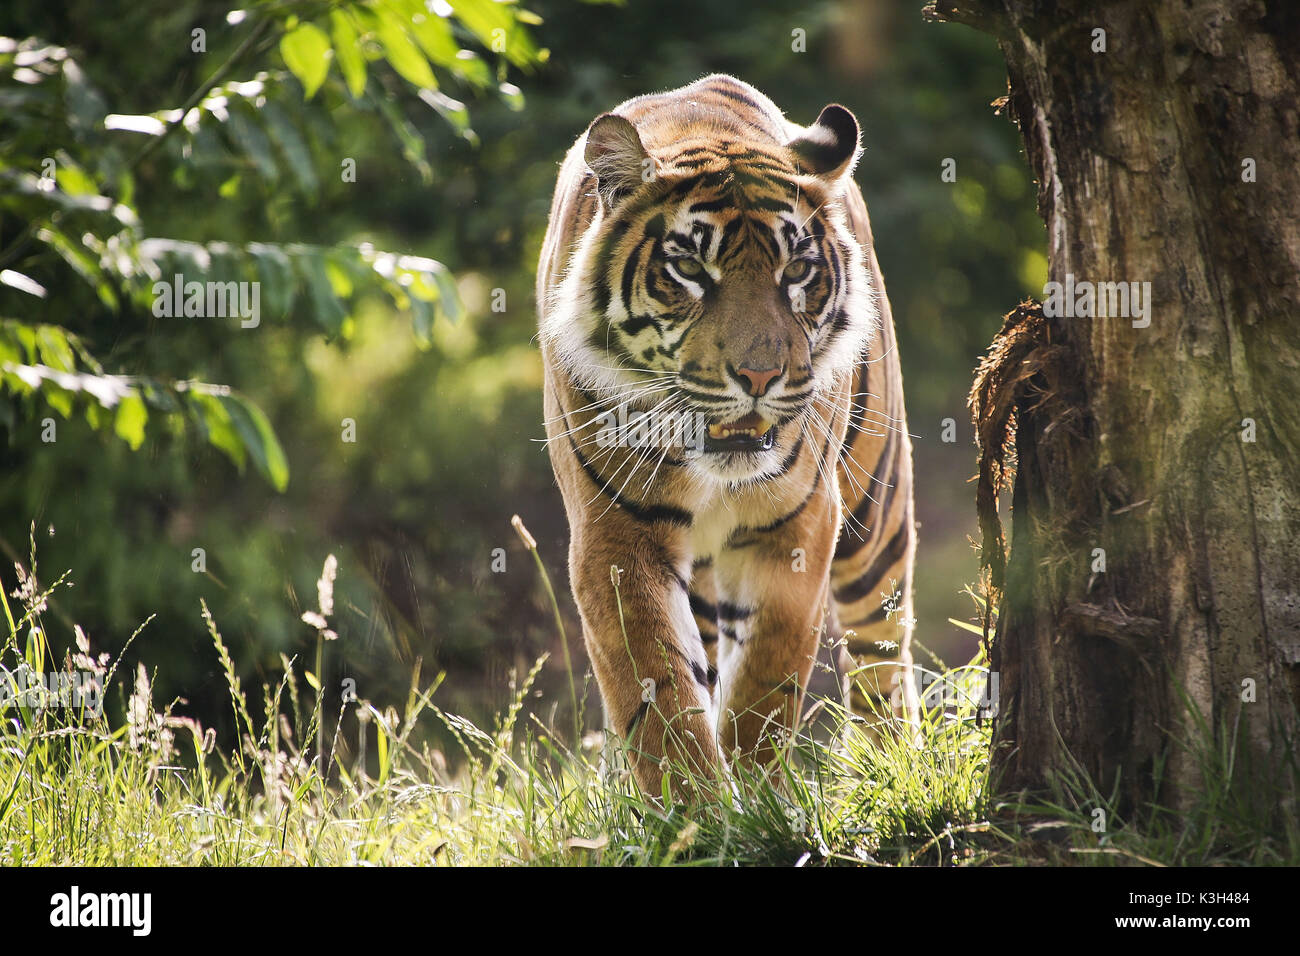 Sumatran Tiger, panthera tigris sumatrae - Stock Image